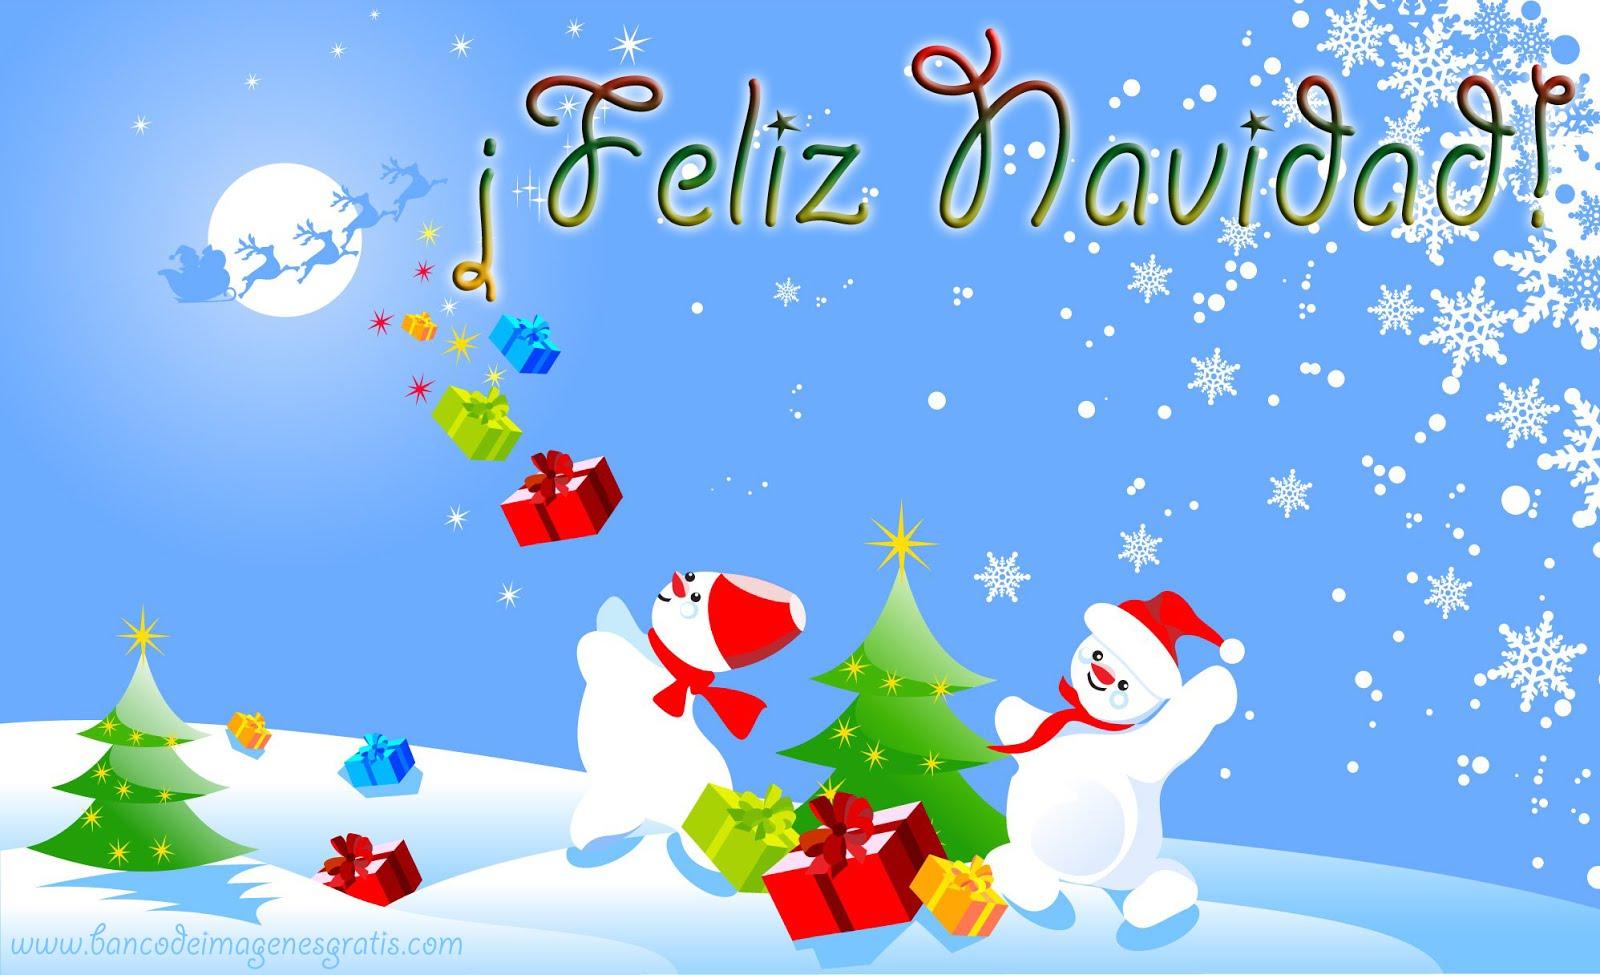 f64c7613423e0 En plena Navidad los muñecos de nieve reciben sus regalos de Santa Claus y  sus renos